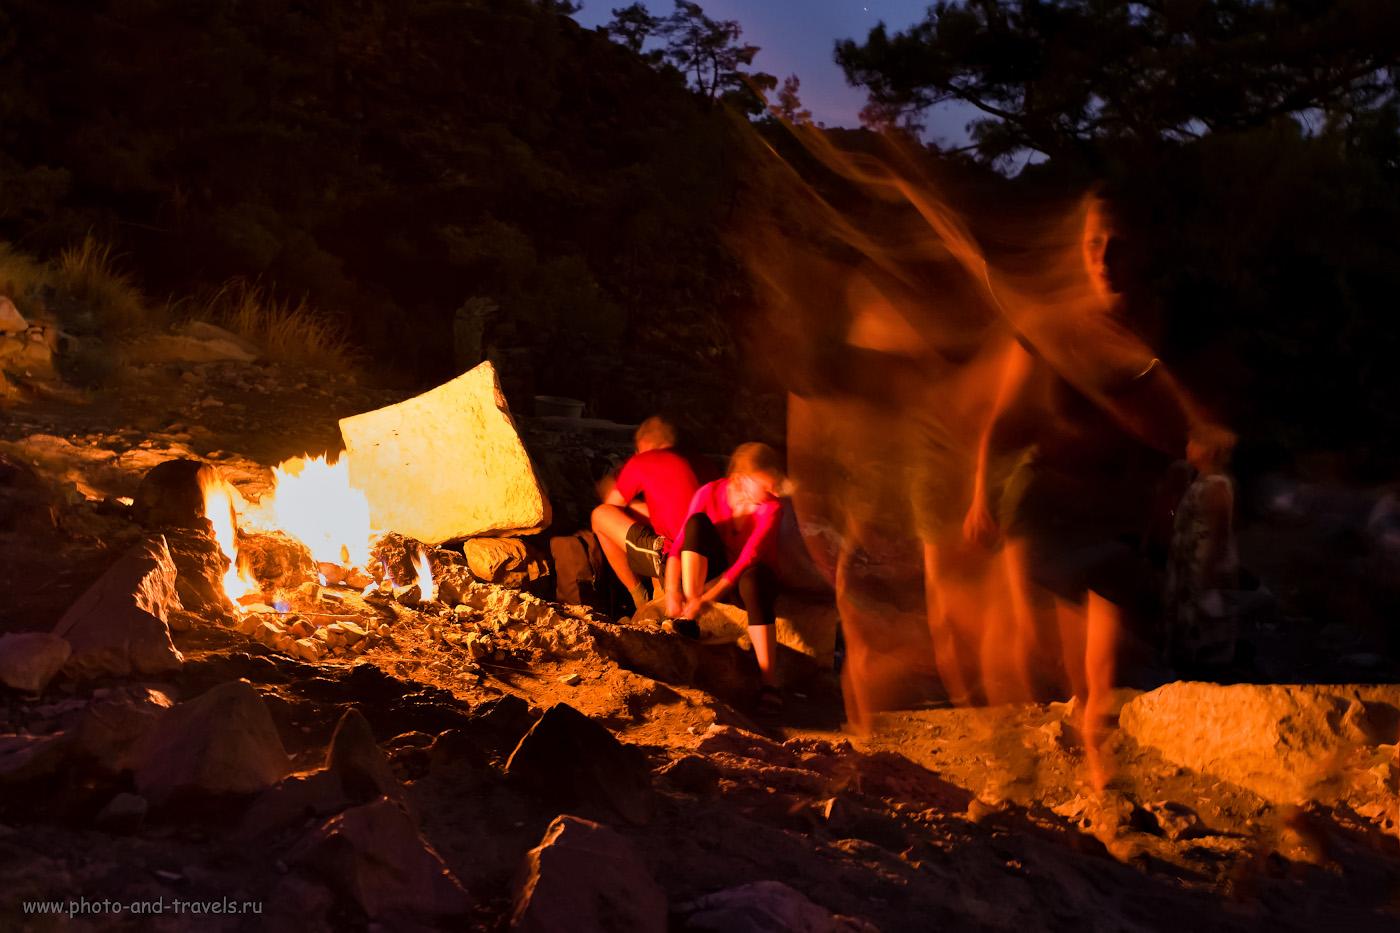 6. Туристы, пламя и сама Химера. Как мы отдыхали в Чиралы и какие достопримечательности посетили самостоятельно. 2.6, 2.8, 3200, +3.0, 16